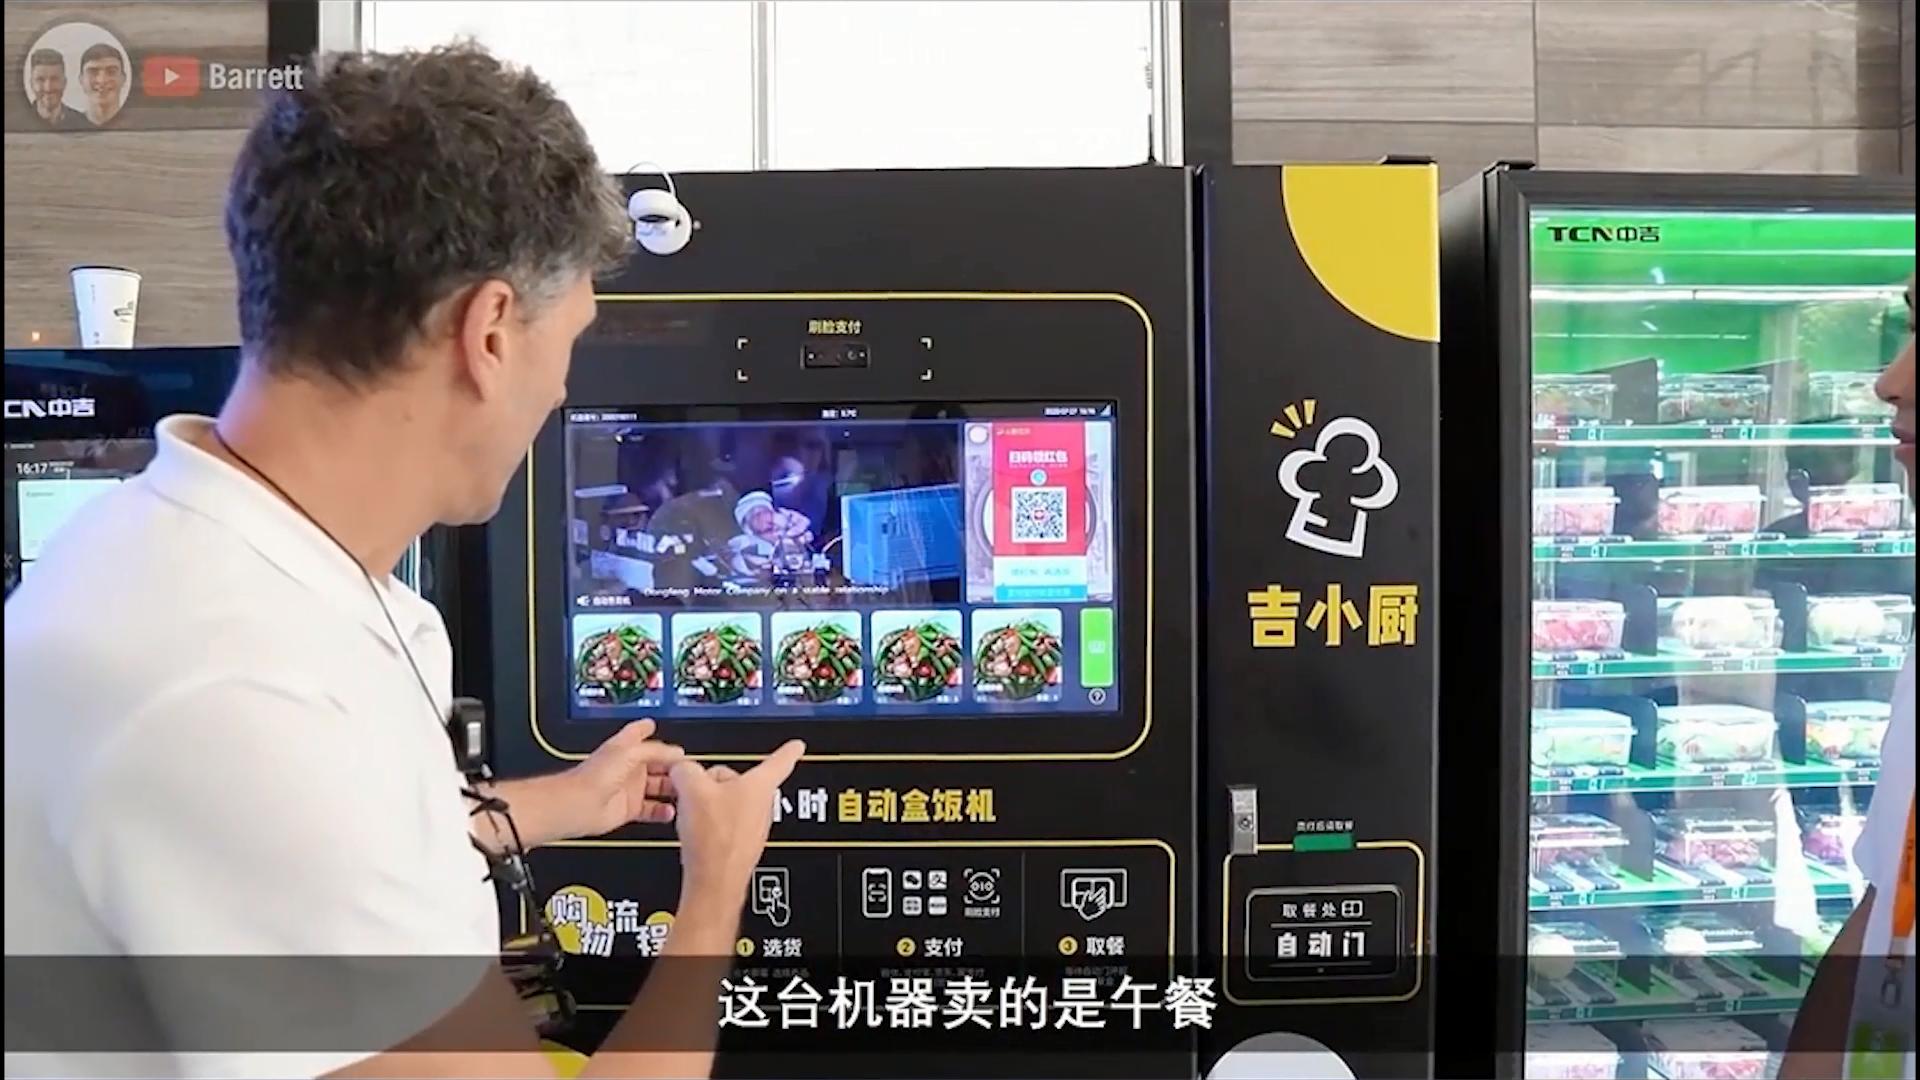 TCN автоматическая фаст-фуд завтрак еда Ланч-бокс Горячие продукты торговый автомат для офиса